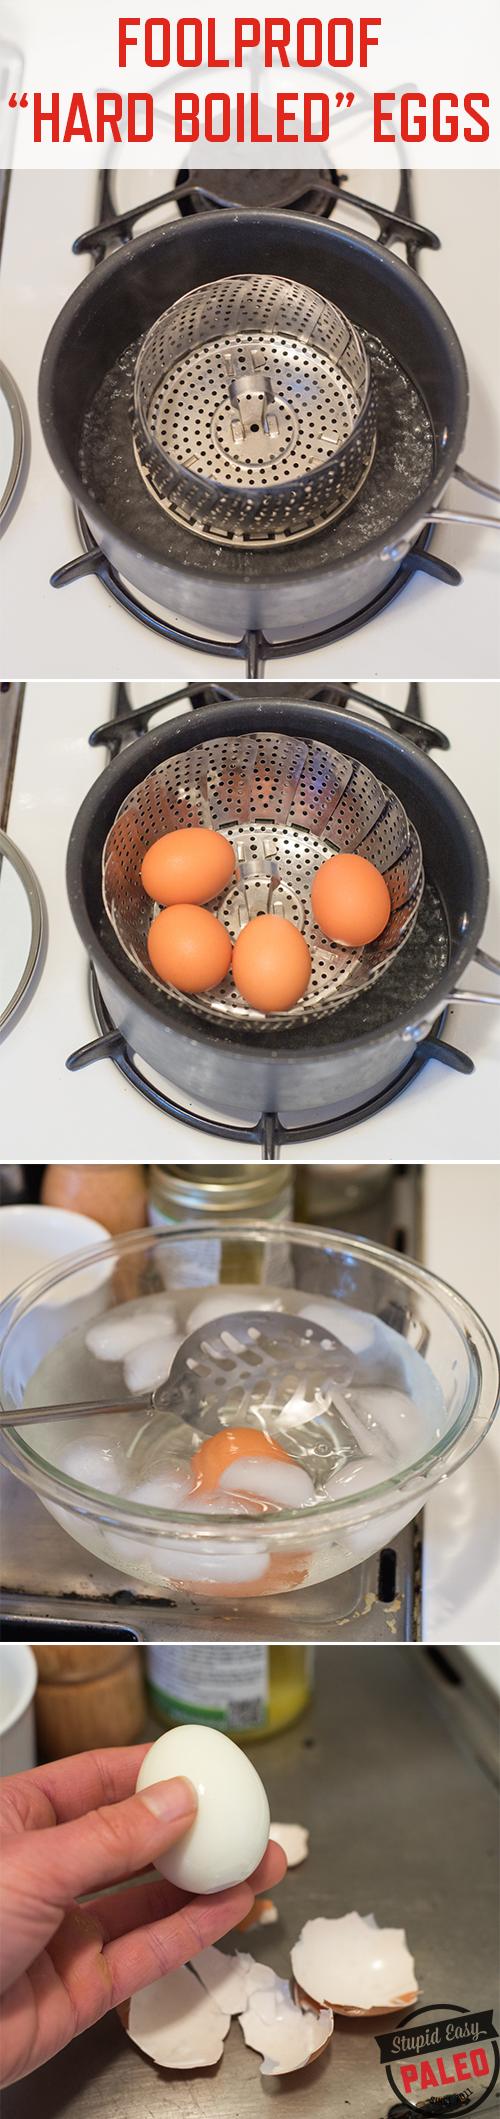 Foolproof Hard Boiled Eggs | stephgaudreau.com